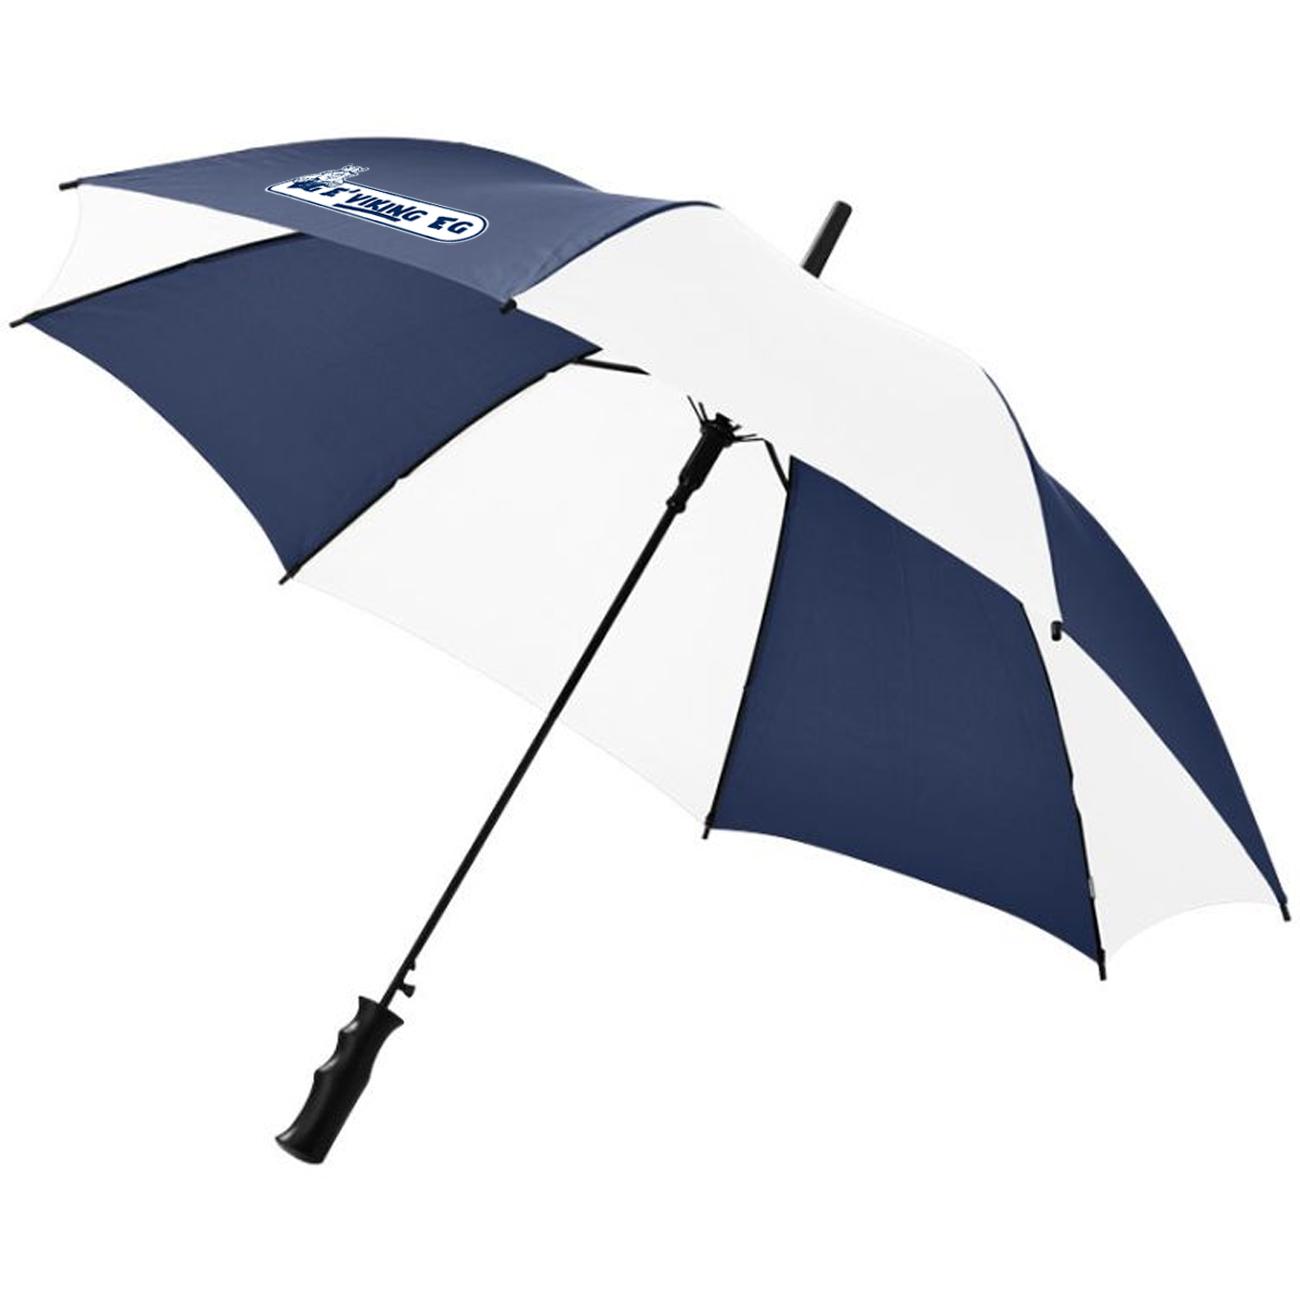 Paraply blå/hvit - SALG